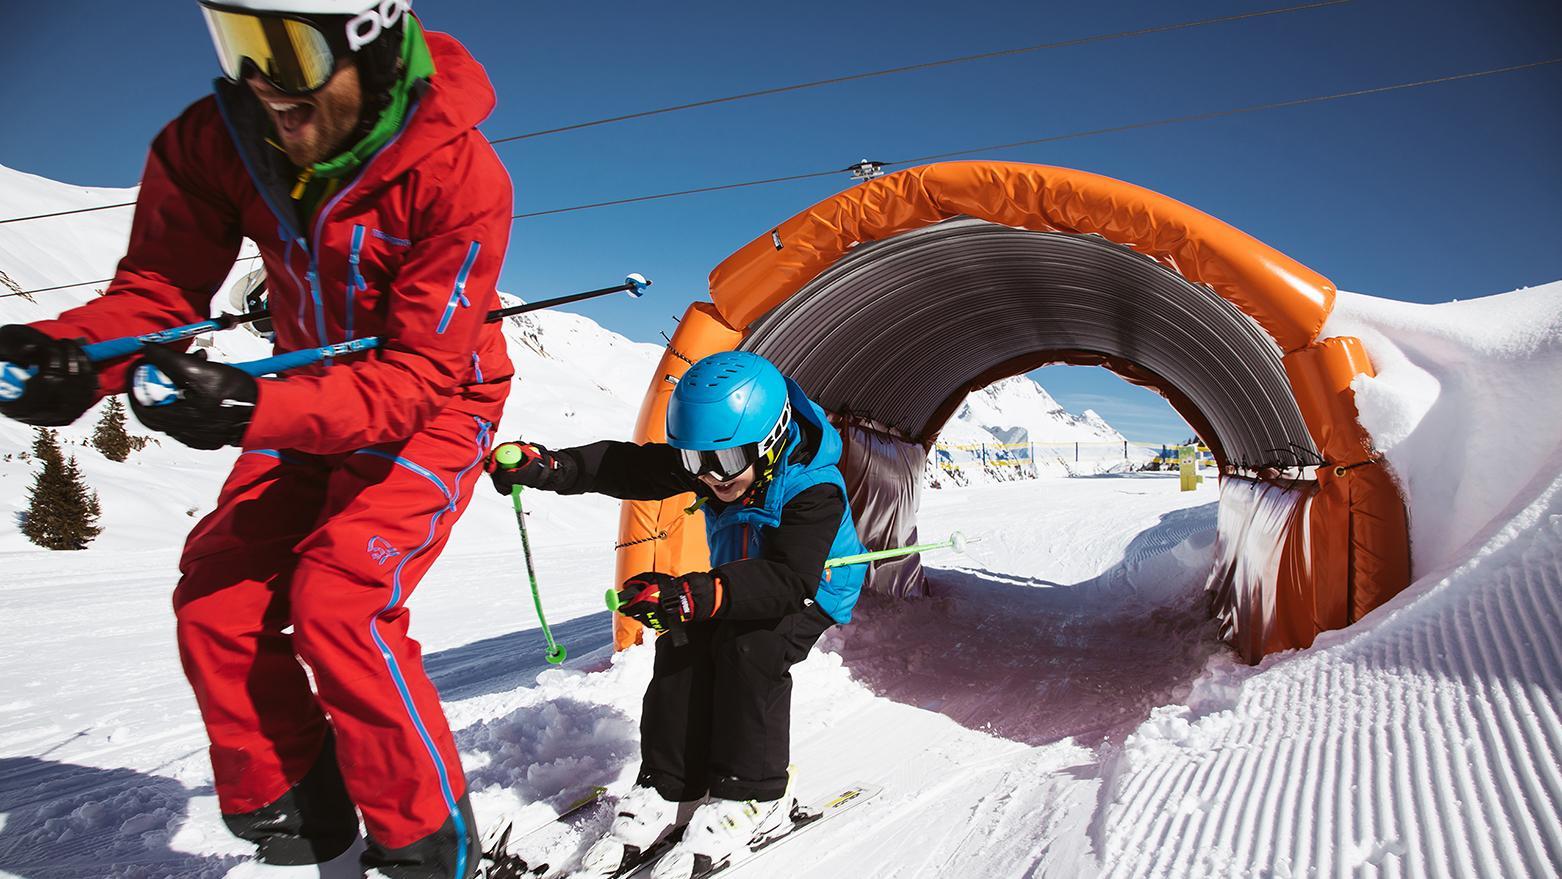 Cours particulier de ski pour Enfants - Avec expérience